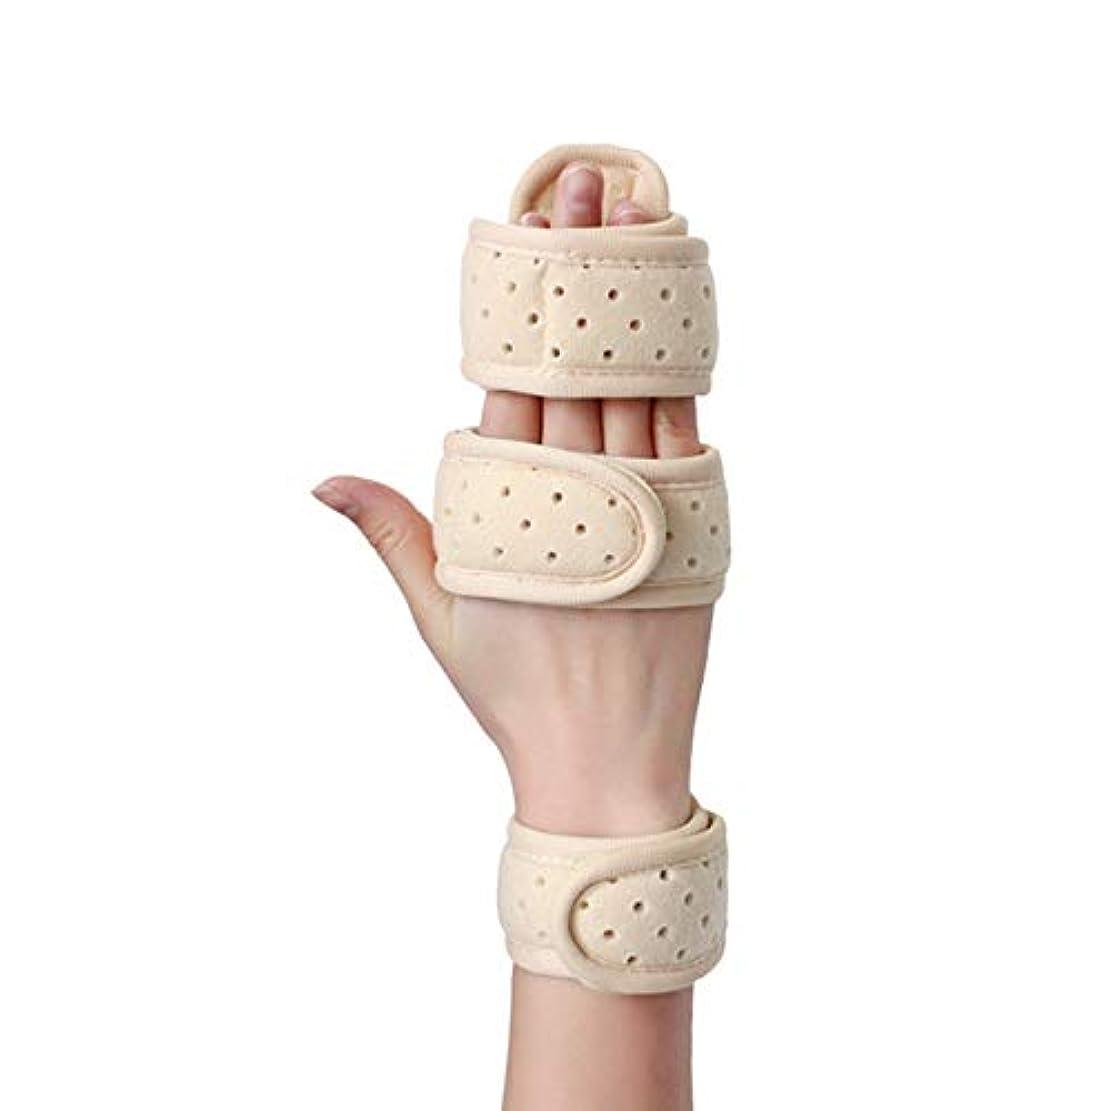 損なう不条理つかまえる手首装具、医療用リストバンド、関節炎および腱炎用の快適で調整可能な手首支持装具、痛みを軽減する手首圧迫ラップ